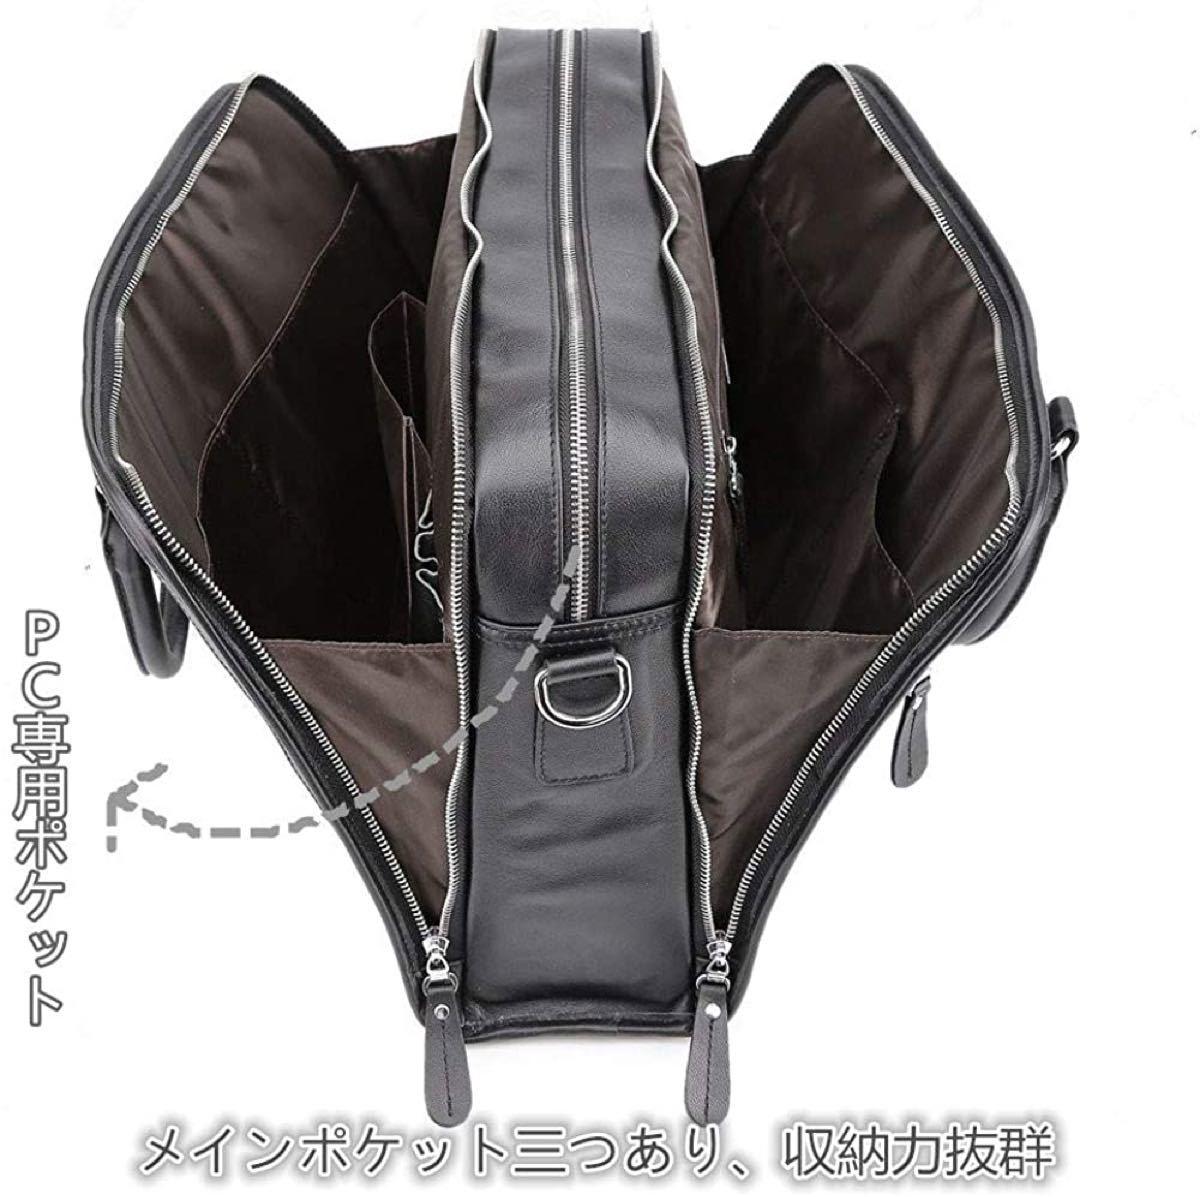 ビジネスバッグ 本革 メンズ ブランド レザー ブリーフケース ショルダー 手提げ 3way 大容量 革製 出張 通勤ブラック